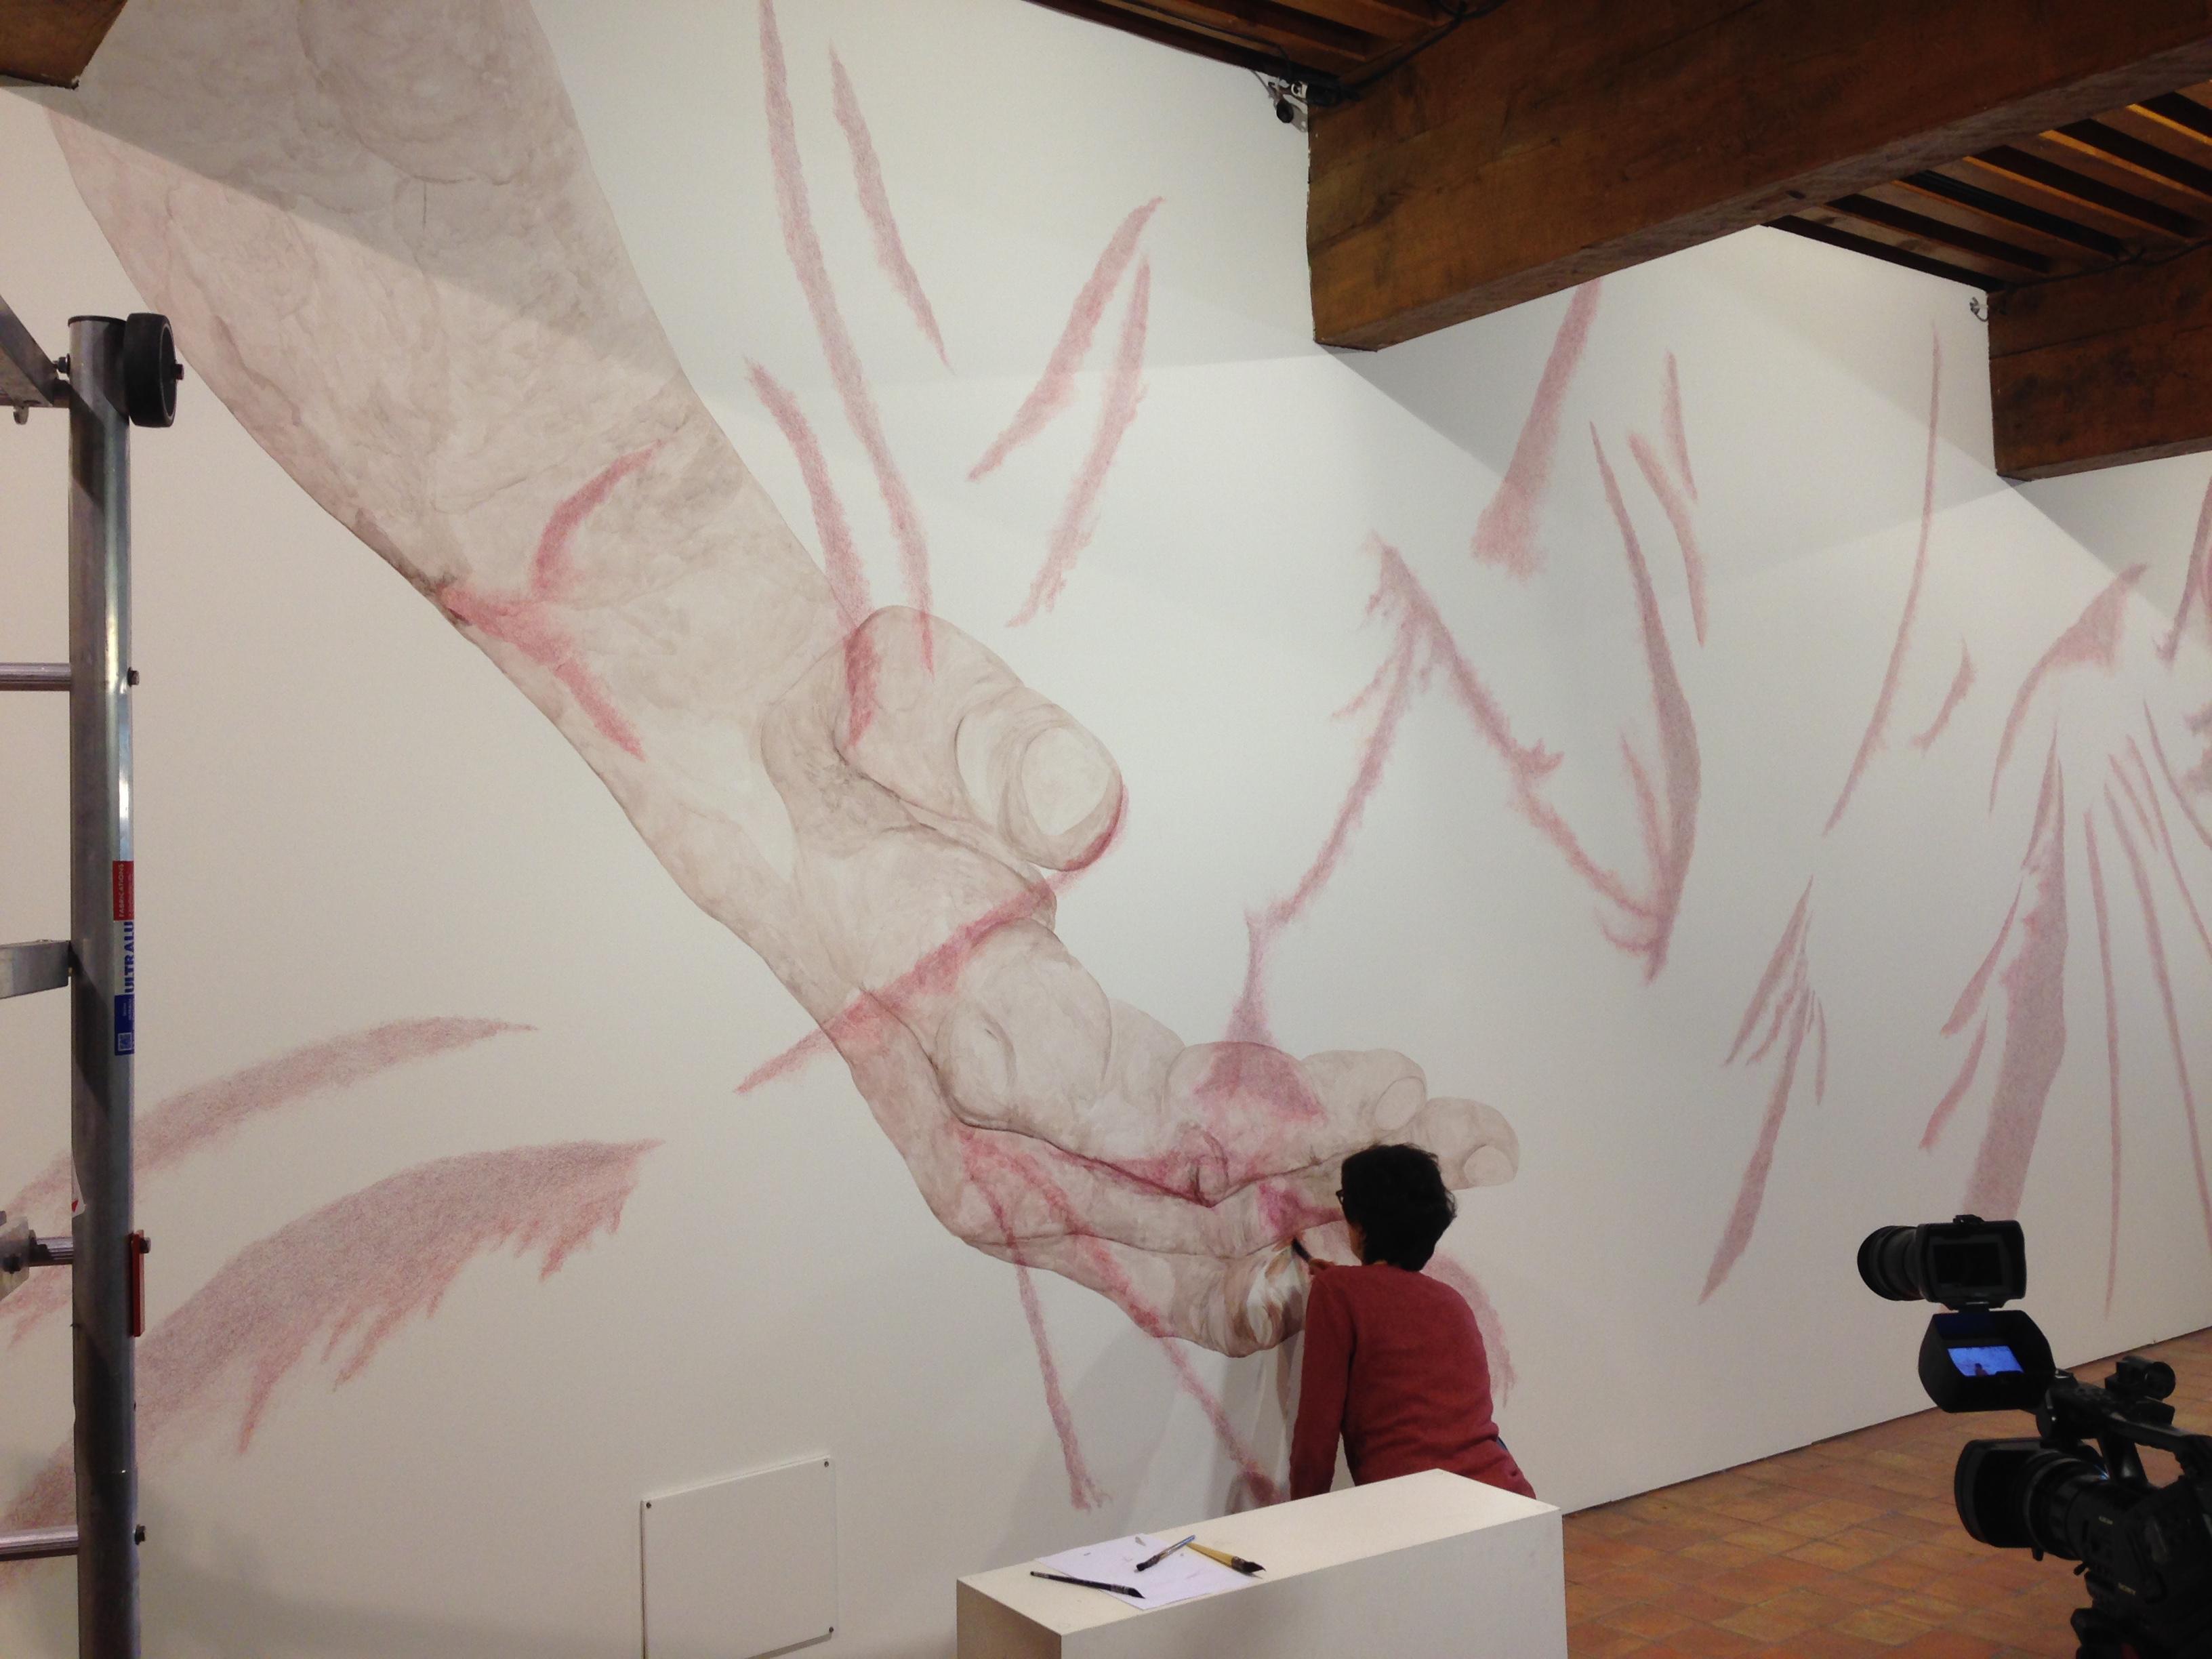 Patricia Cartereau à l'oeuvre. Résidence Château Annecy 2015.© musée Annecy